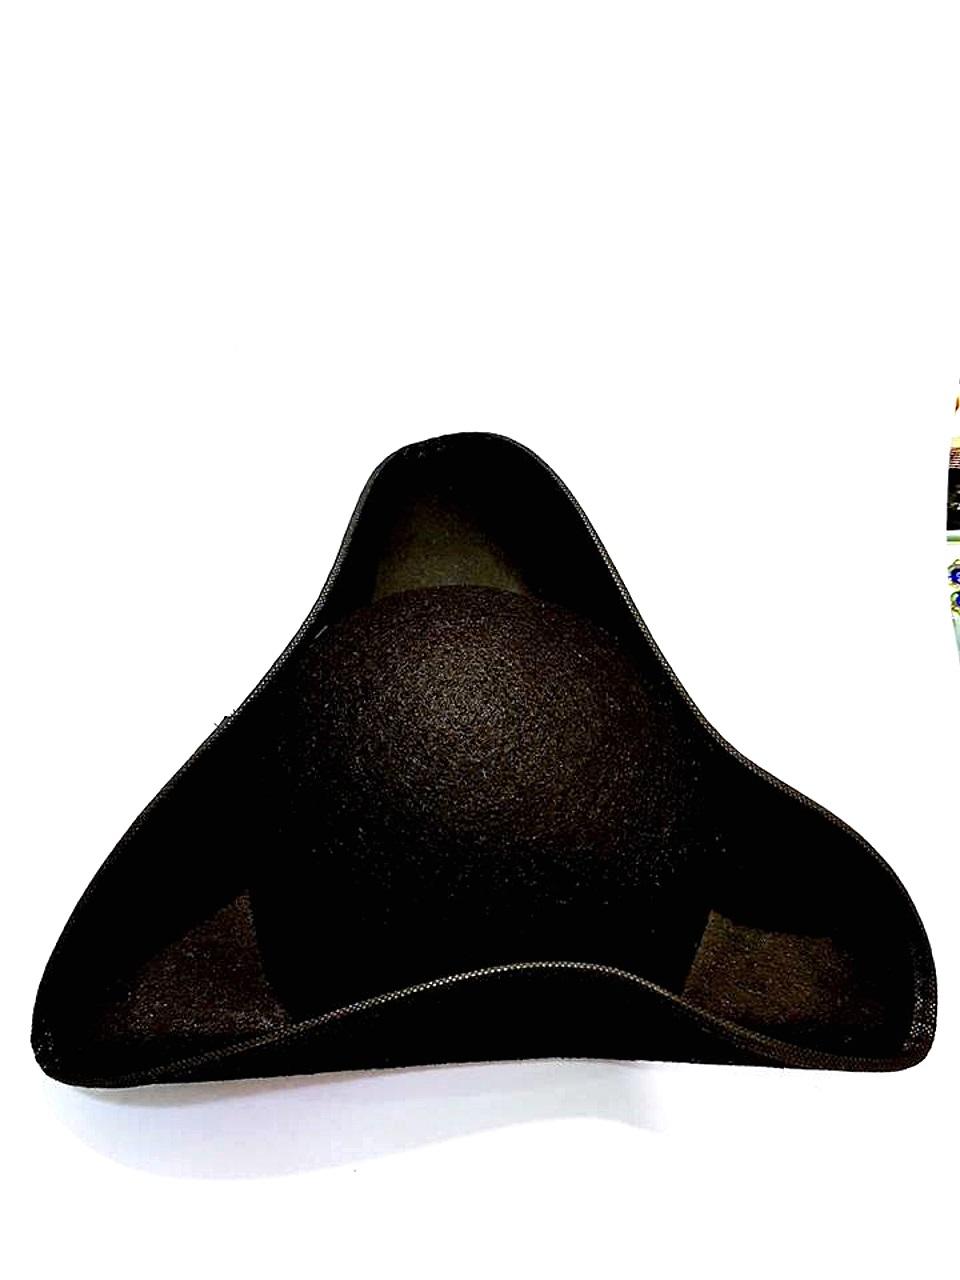 risparmia fino al 60% scegli genuino negozio online Cappello tricorno